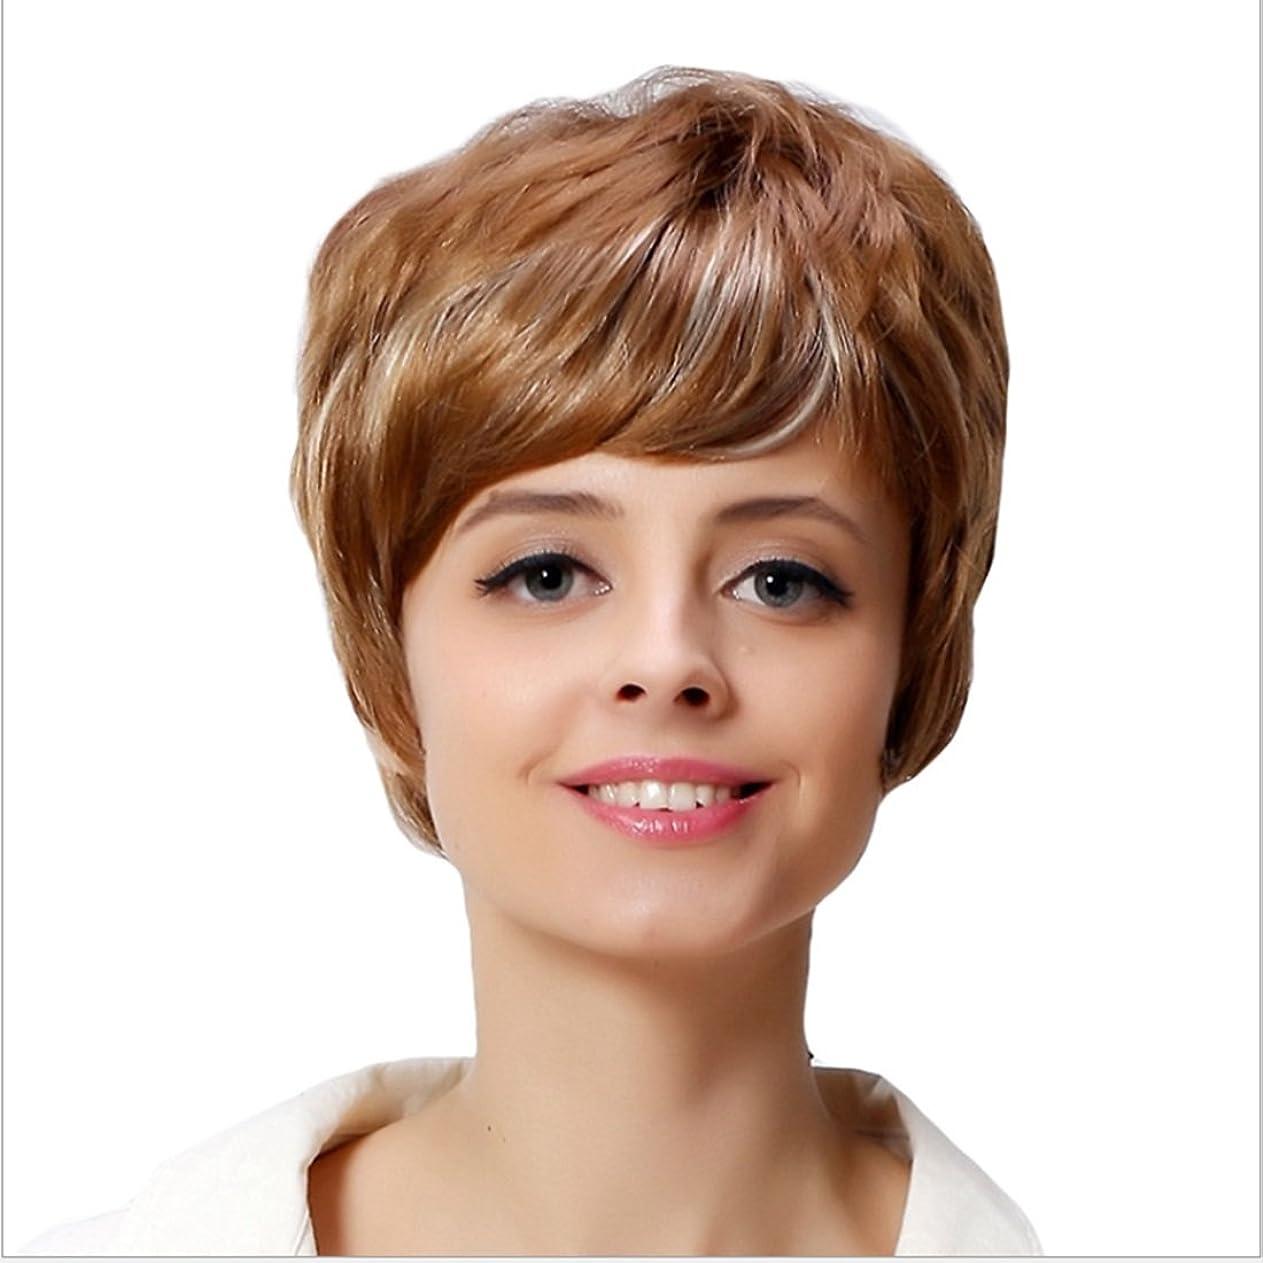 聖人電子レンジホールJIANFU 女性のための10inch / 12inchショートウェーブゴールドウィッグ白い女性のためのフラットバンズヘアとカーリー耐熱ウィッグ180g (サイズ : 10inch)